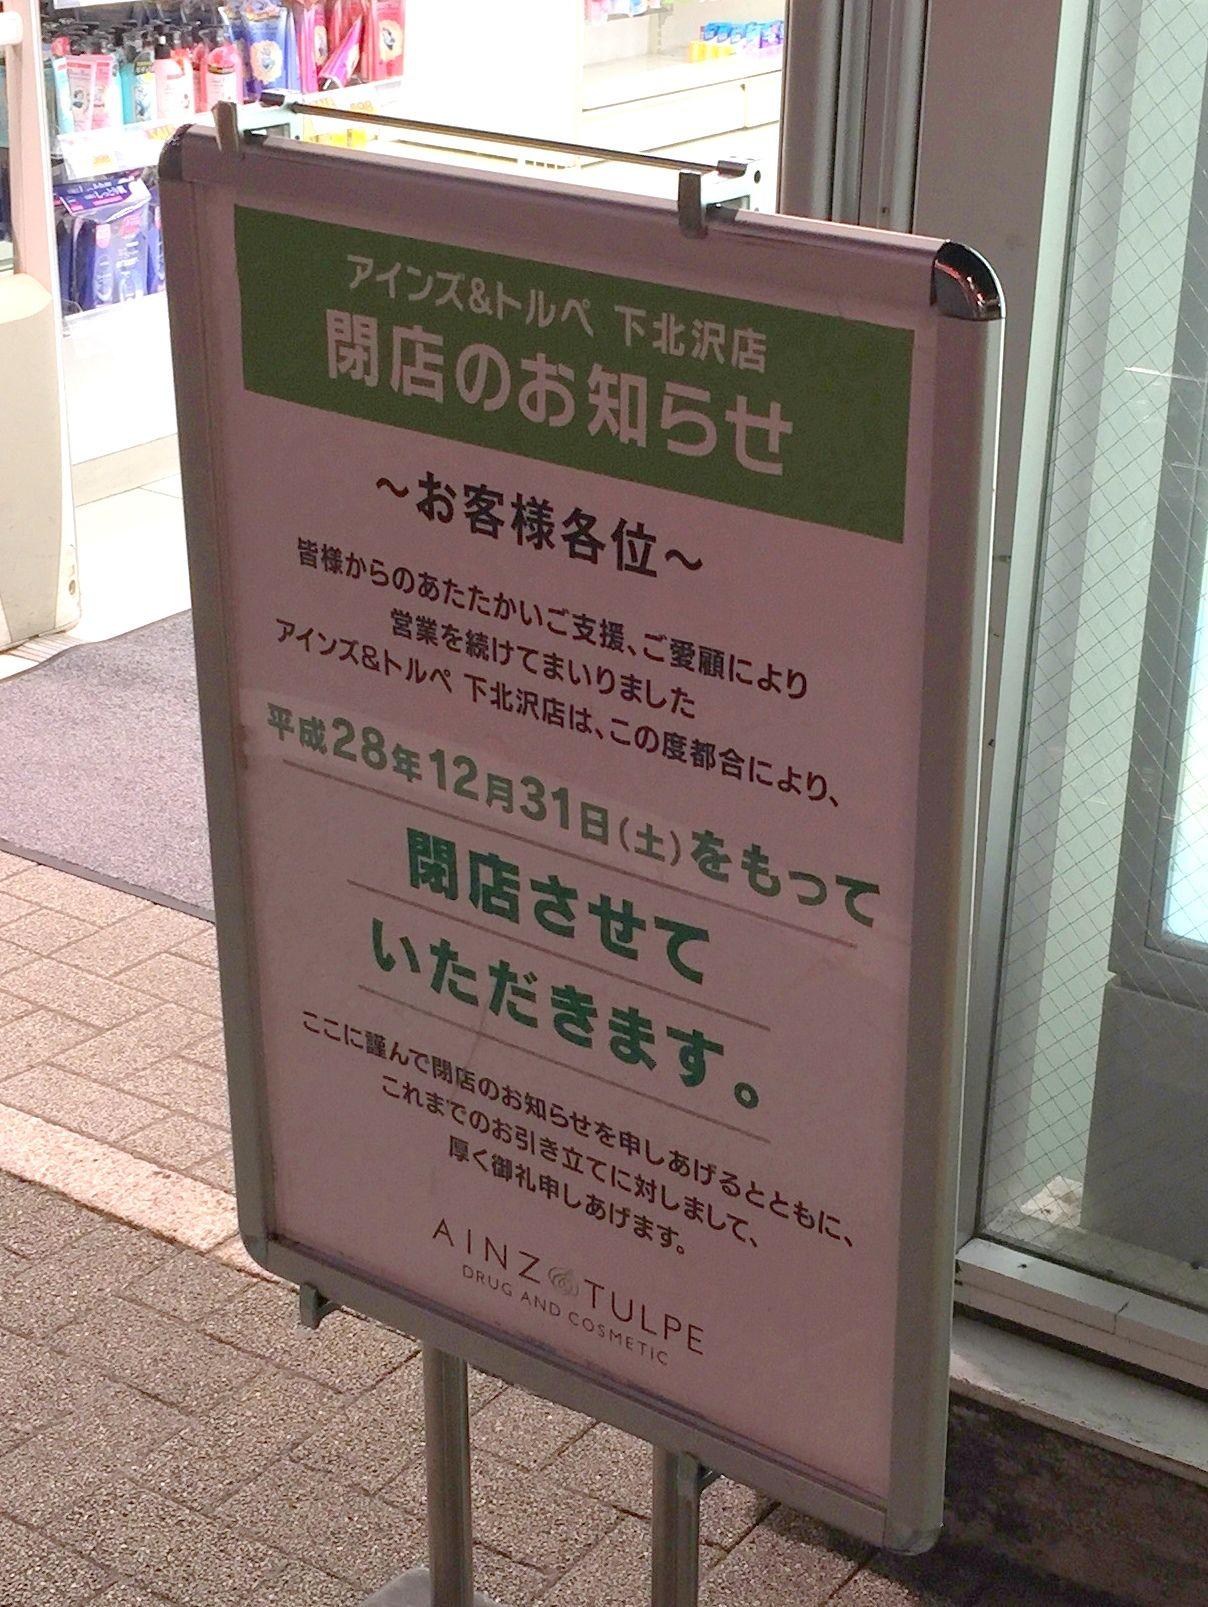 南口商店街のドラッグストア「アインズ&トルペ 下北沢店」が12月末で閉店